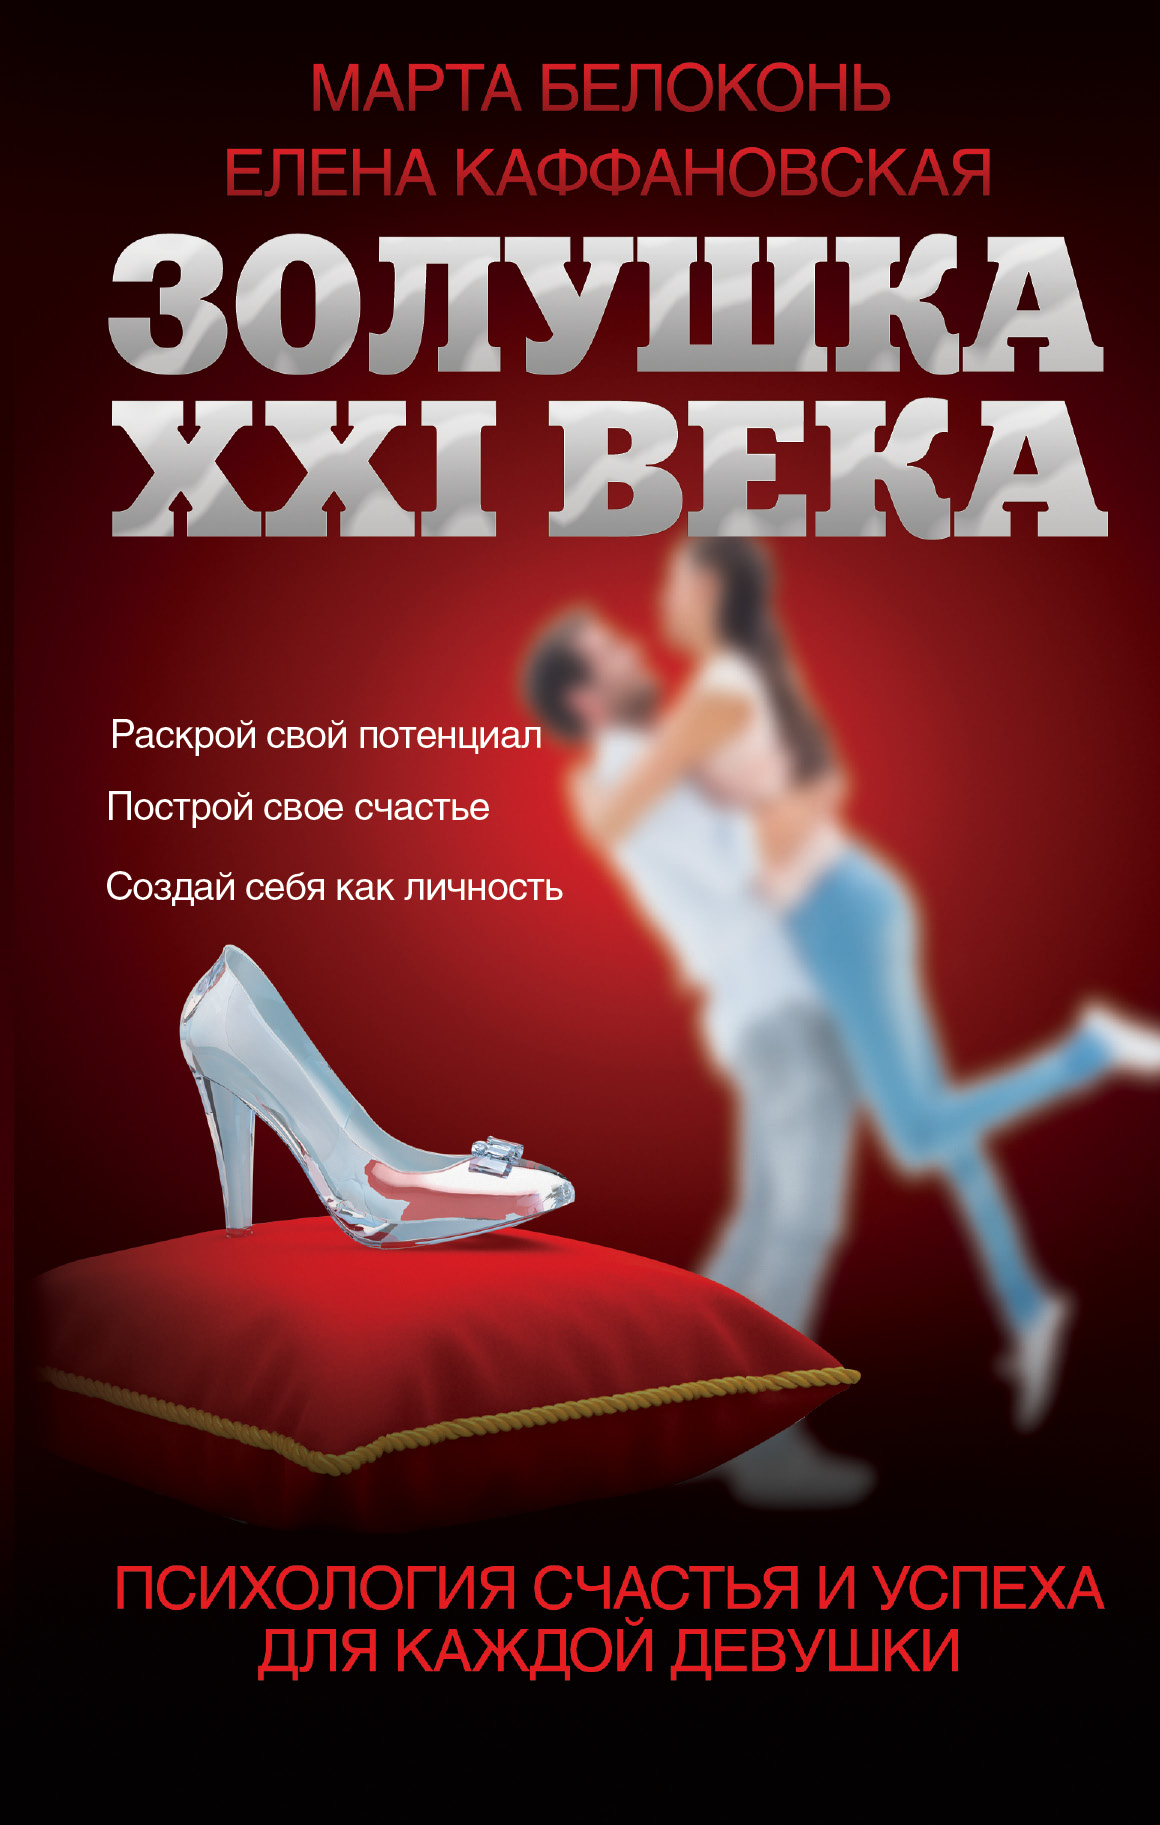 Белоконь М.П., Каффановская Е. Золушка XXI века: психология счастья и успеха для каждой девушки